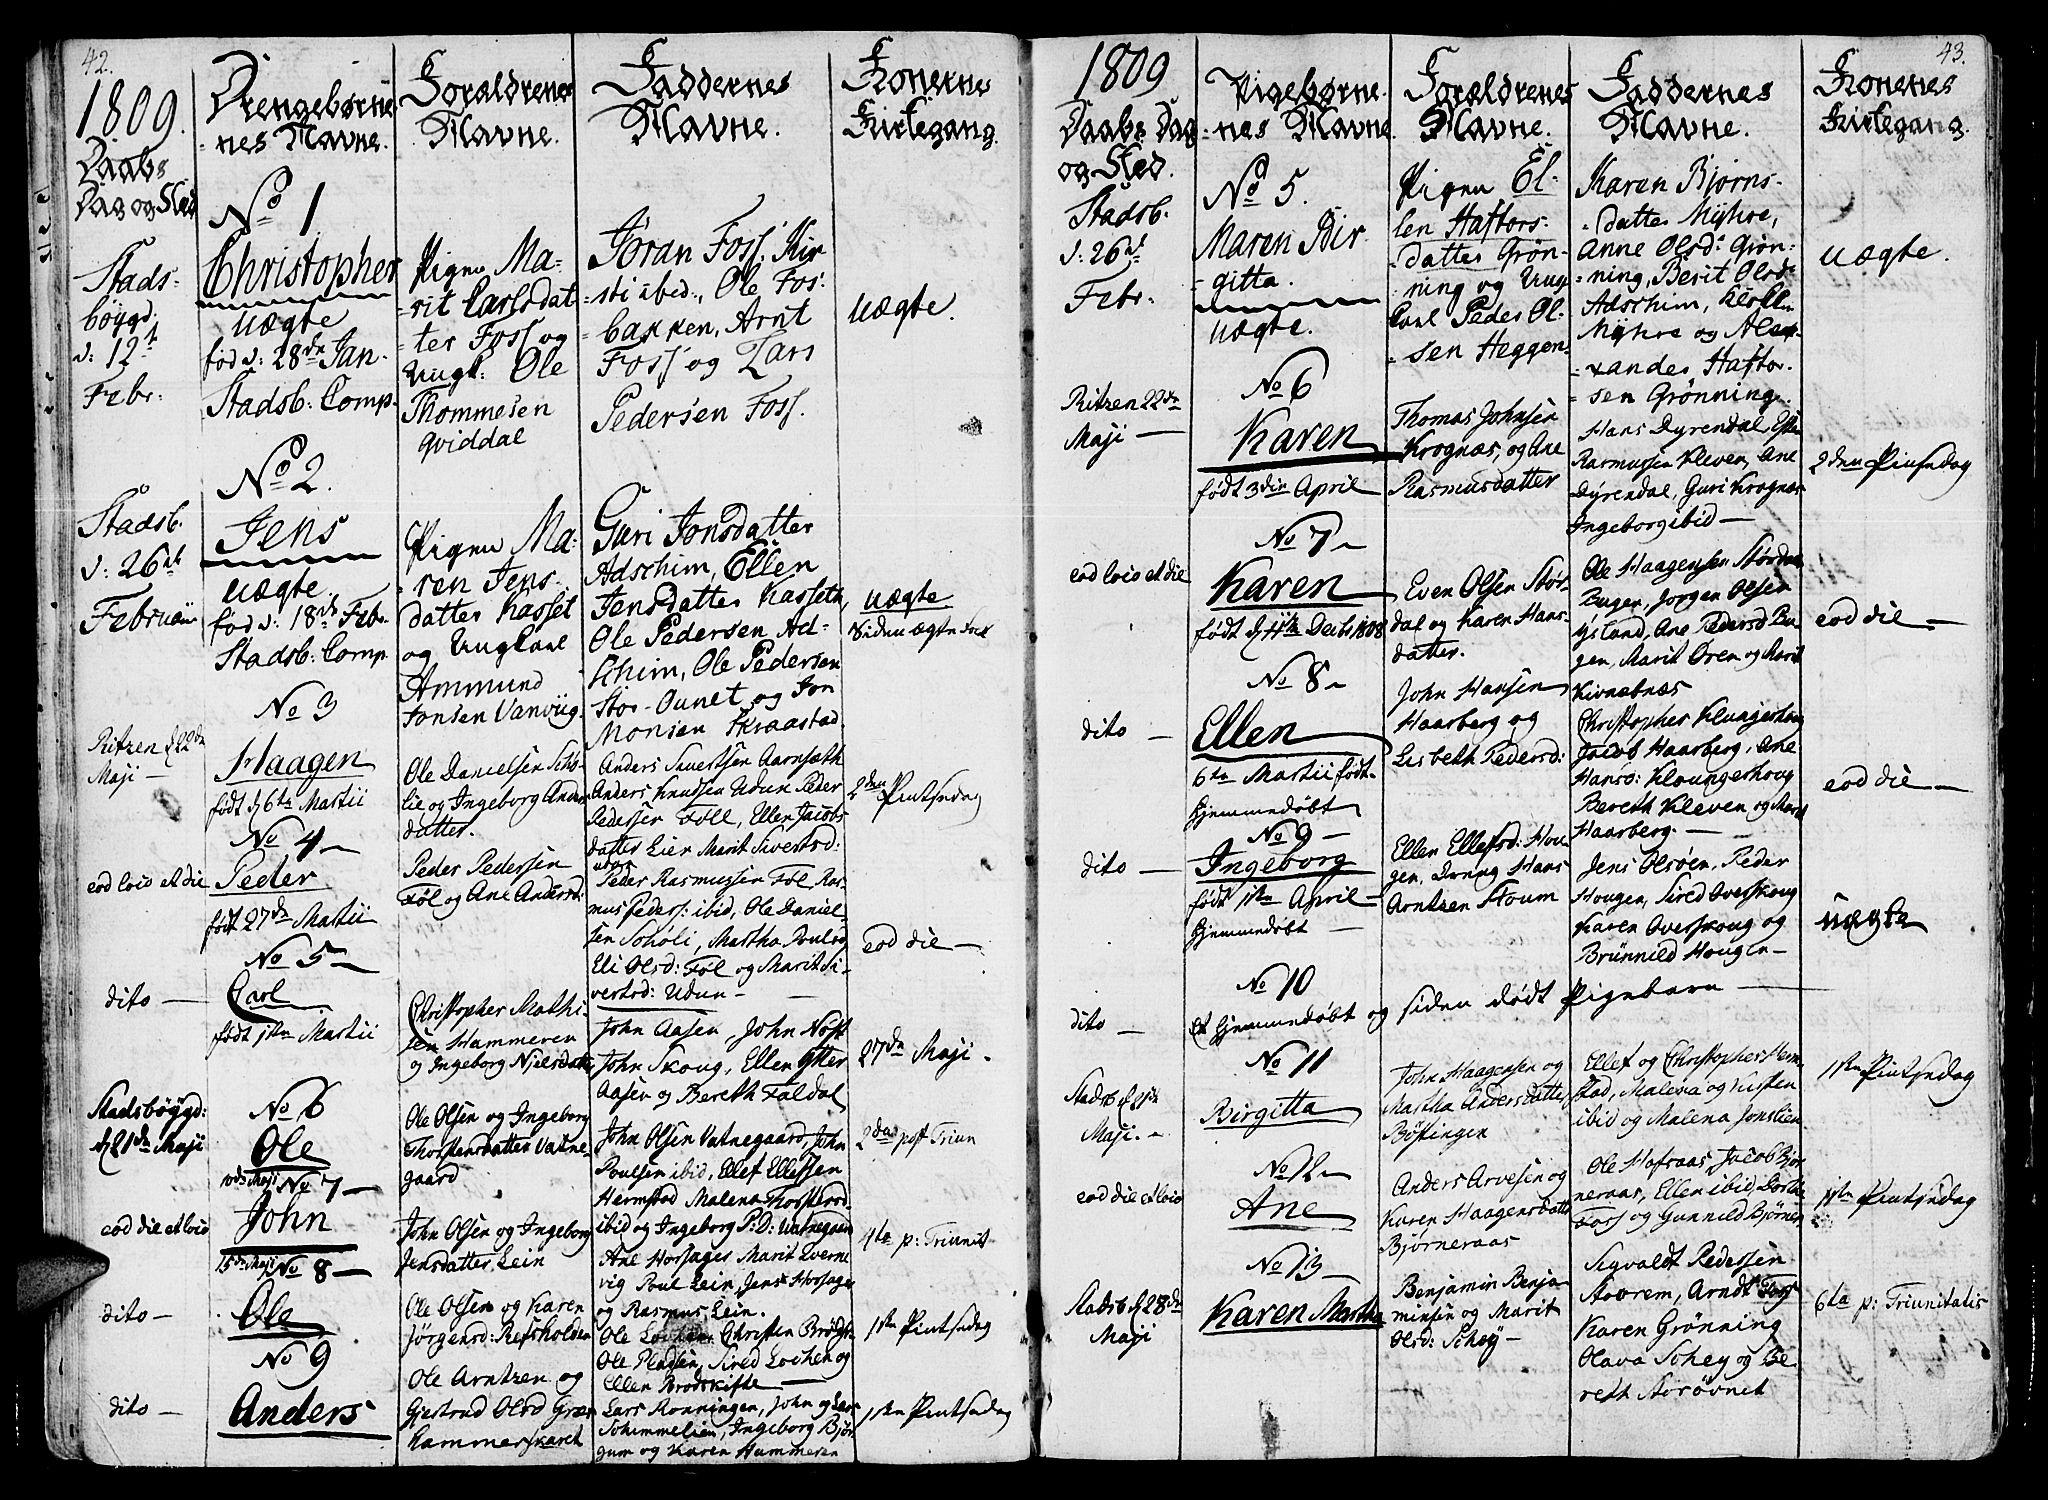 SAT, Ministerialprotokoller, klokkerbøker og fødselsregistre - Sør-Trøndelag, 646/L0607: Ministerialbok nr. 646A05, 1806-1815, s. 42-43